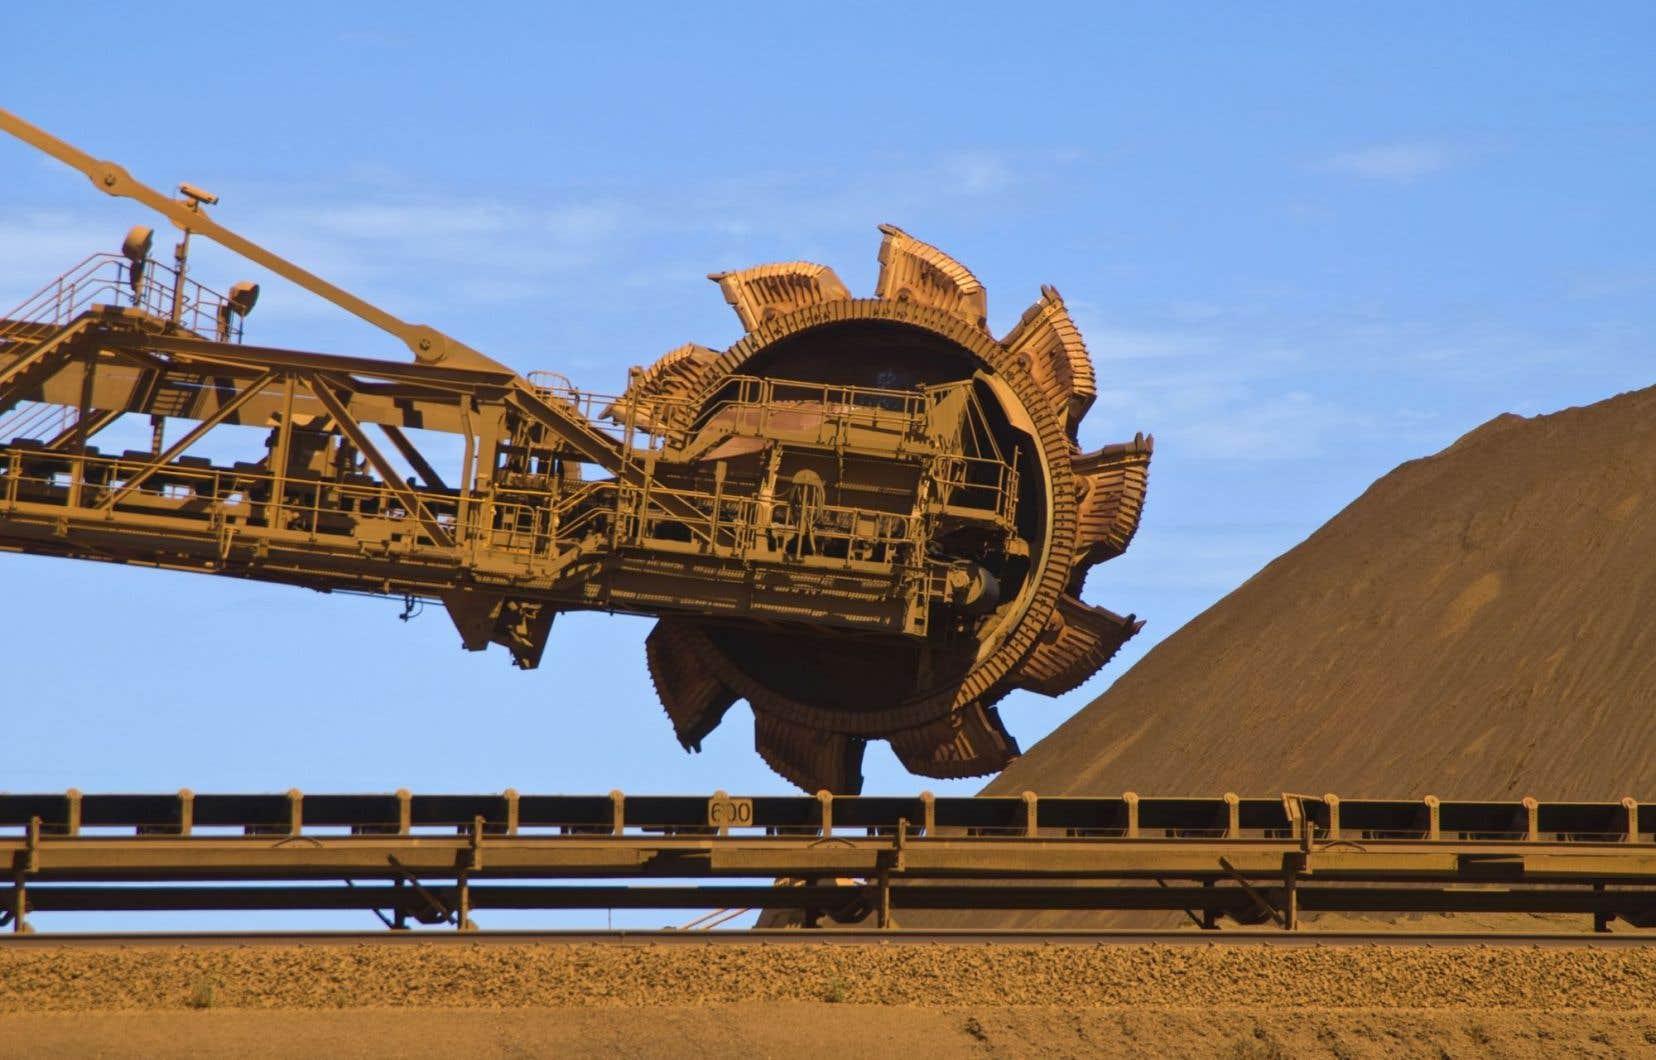 Les industries productrices de biens ont avancé de 0,7 % en août, stimulées par les secteurs de l'extraction minière, l'exploitation en carrière, et l'extraction de pétrole et de gaz, qui a gagné 1,4 %.